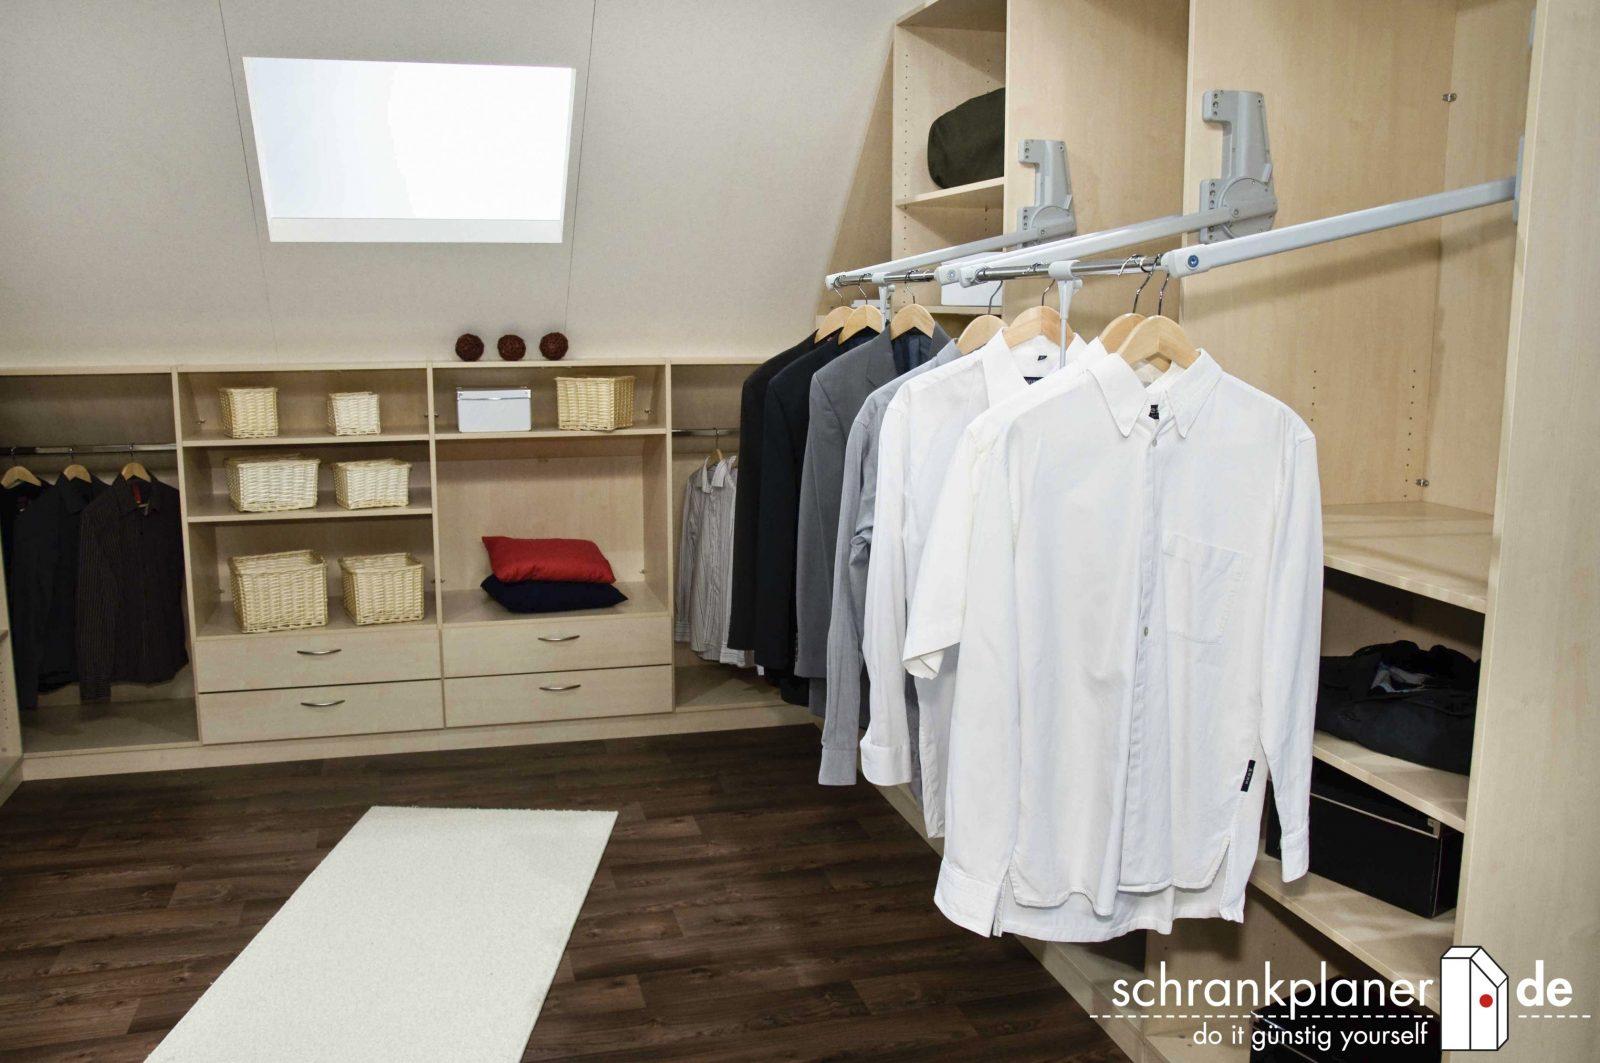 Schrank Selber Bauen Dachschräge Begehbarer Kleiderschrank von Kleiderschrank Selber Bauen Dachschräge Photo